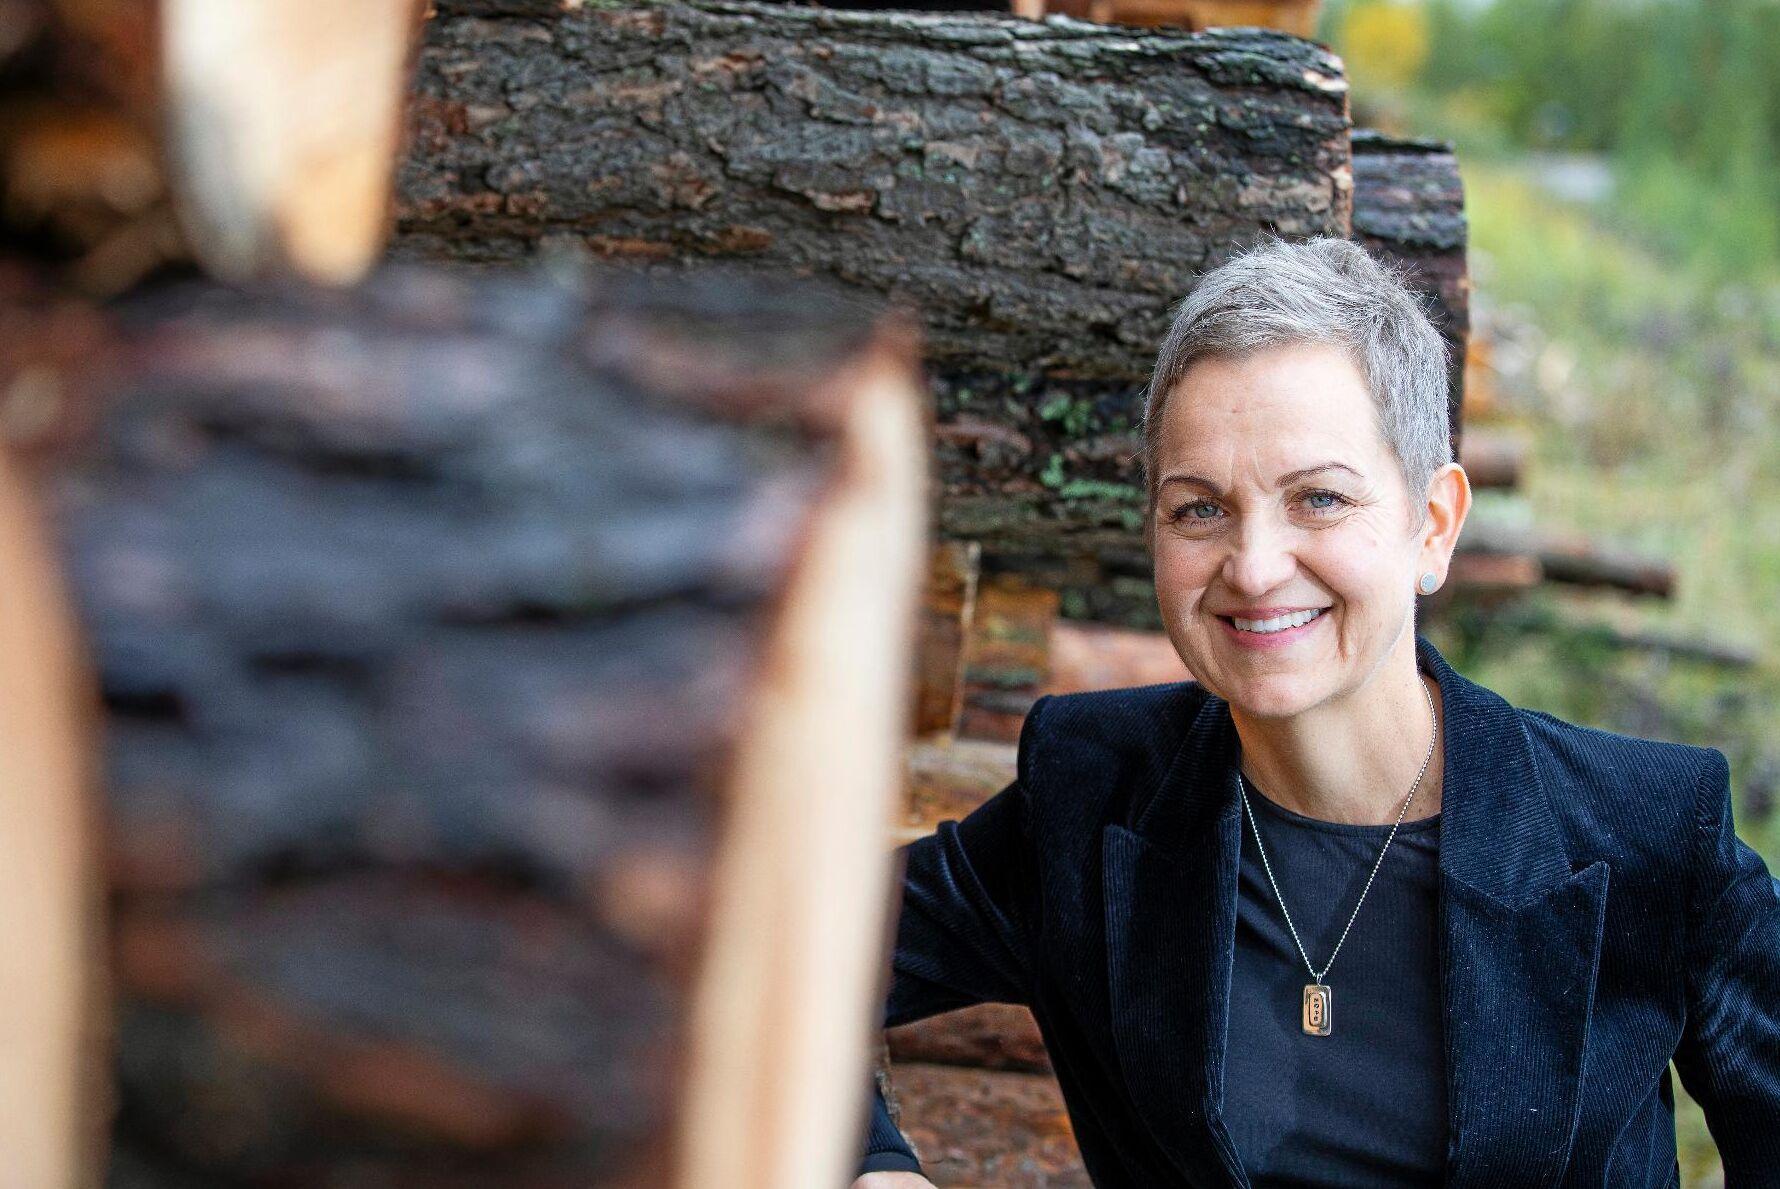 Hannele Arvonen, vd på Sveaskog, kan konstatera att värdet på skogstillgångarna ökar cirka 2,4 gånger efter en övergång till marknadsvärdering.